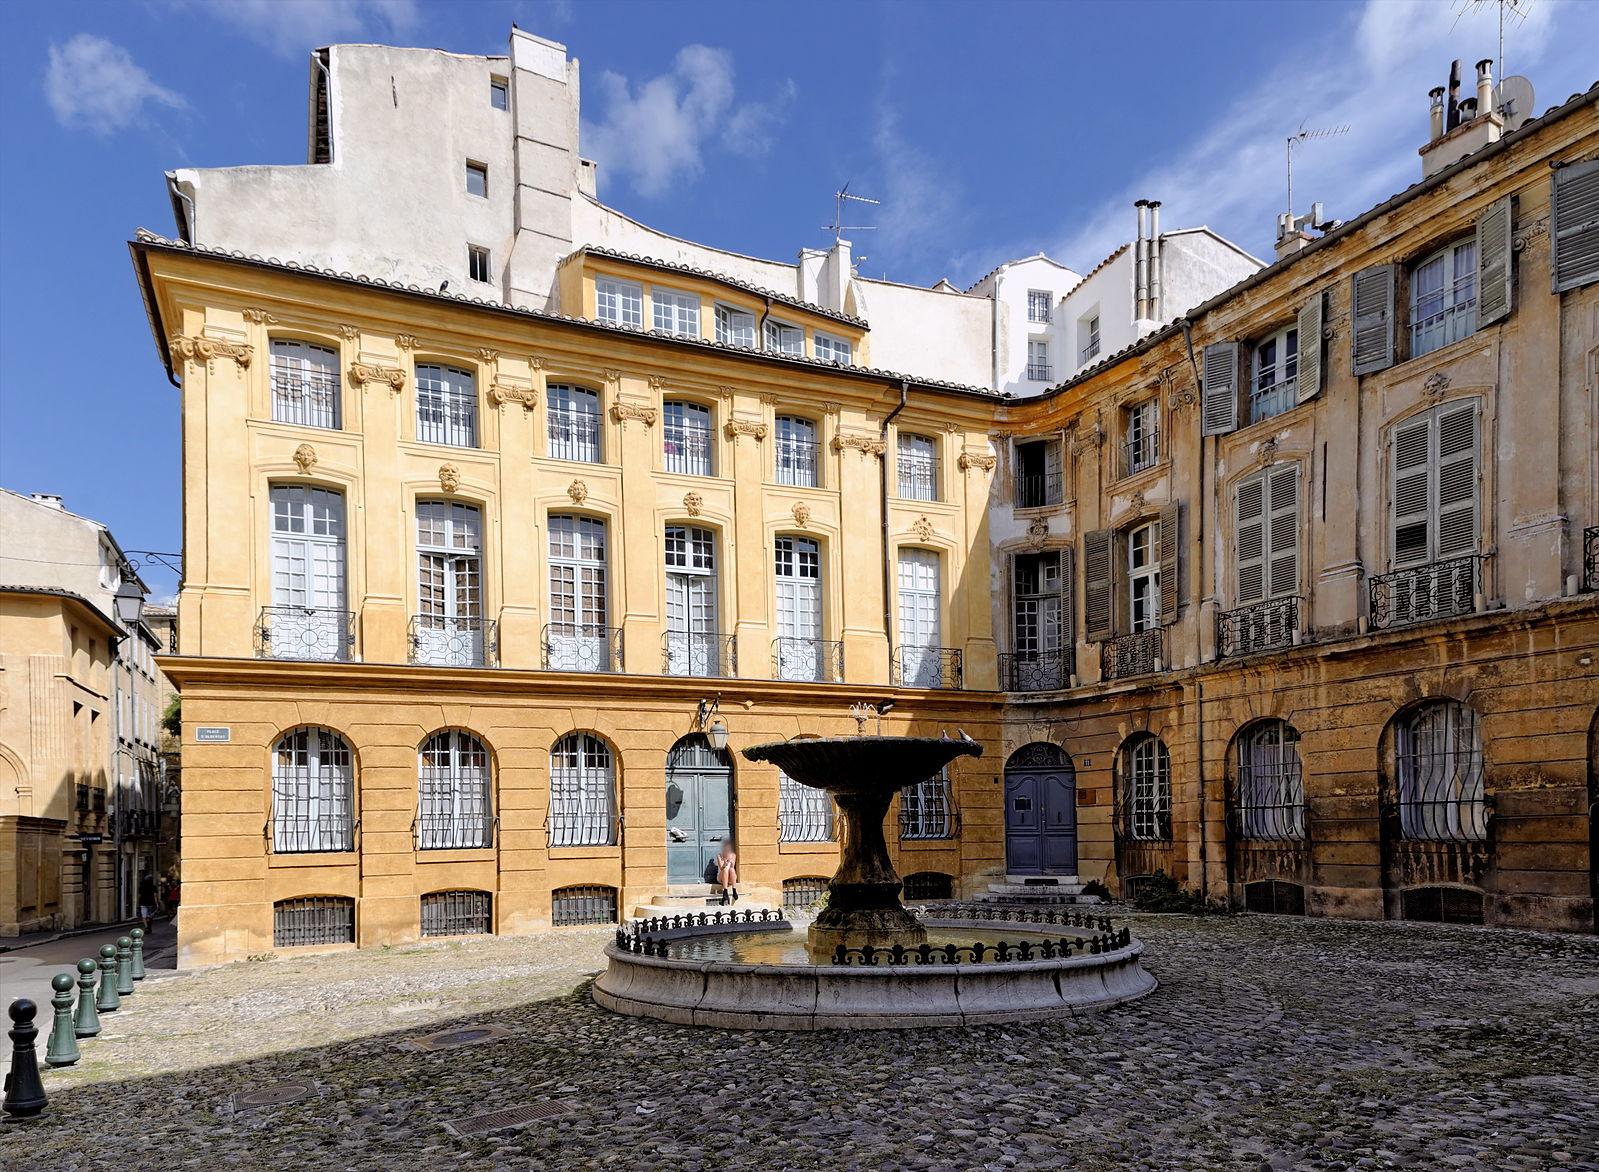 Découverte des hôtels particuliers d'Aix-en-Provence